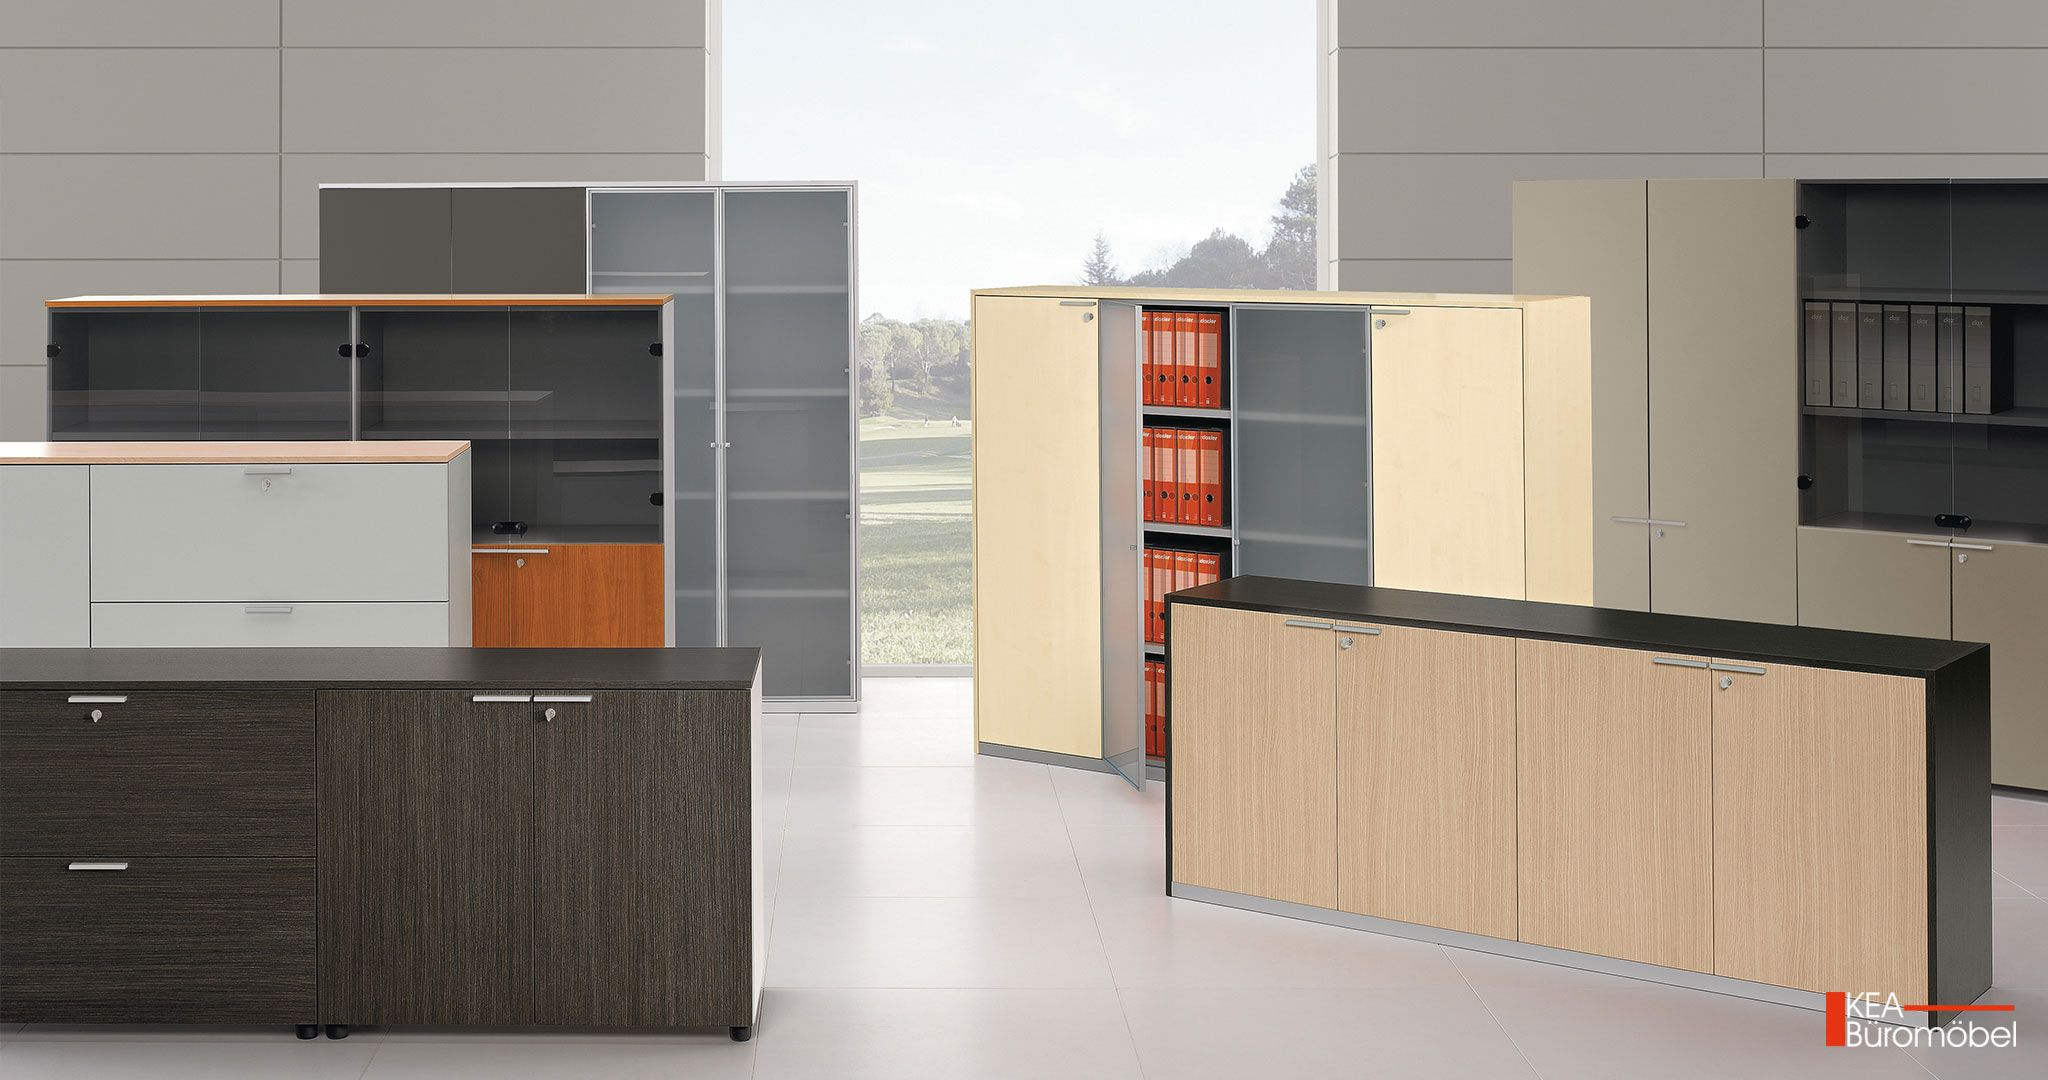 KEA Büroschränke mit Flügeltüren und Kea Glastüren mit Aluminium-Rahmen